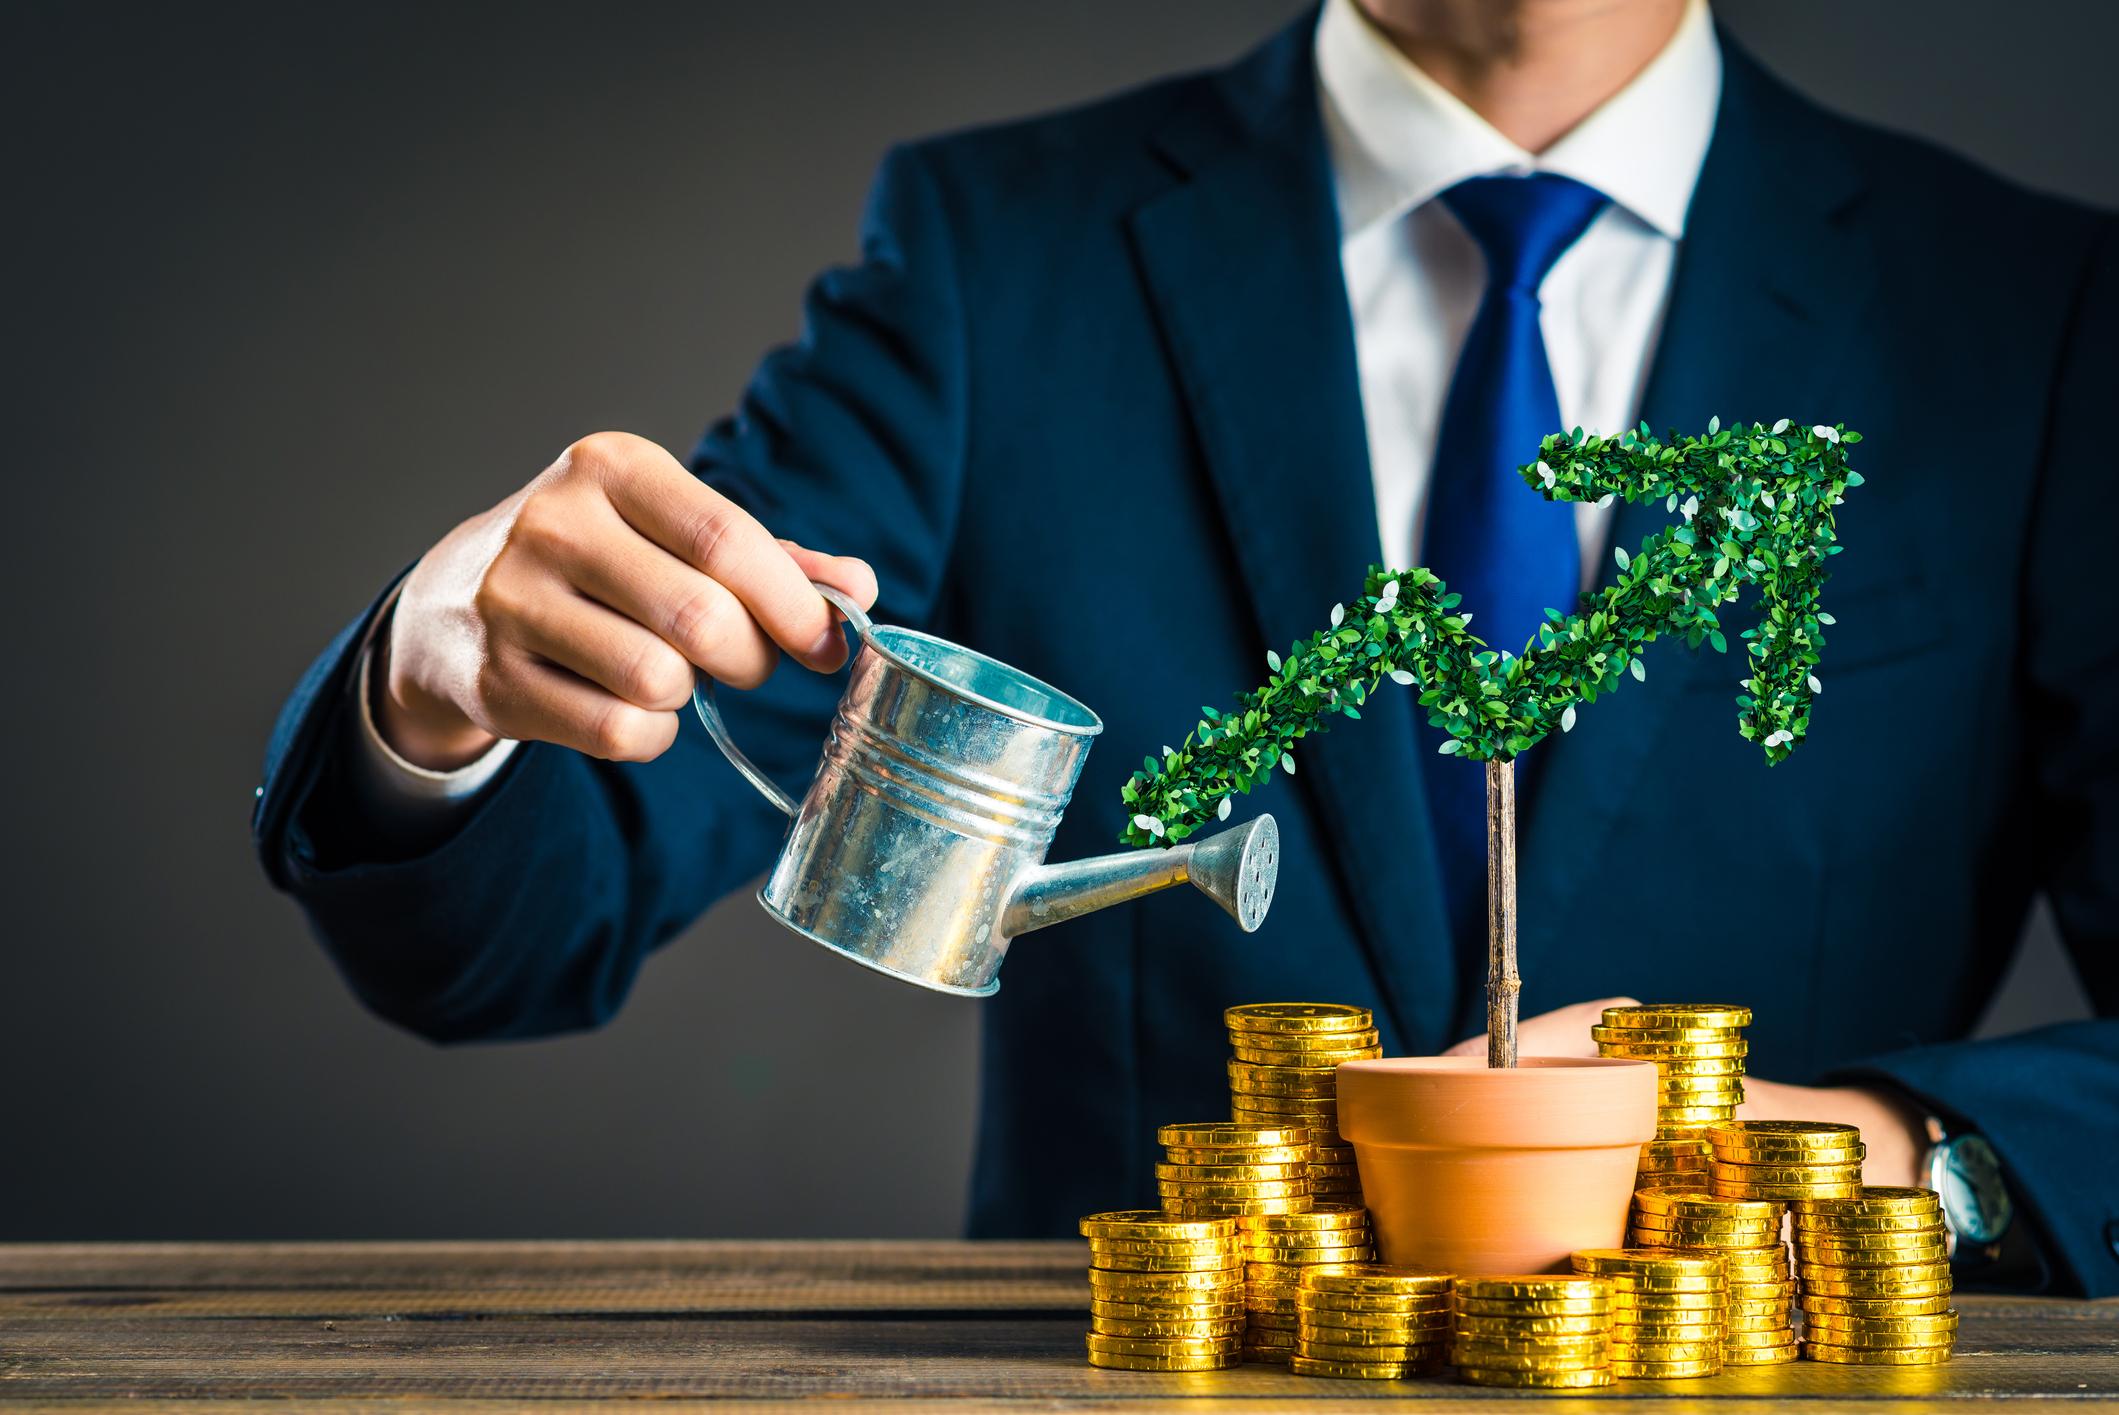 картинки о бизнесе и деньгах примеров как